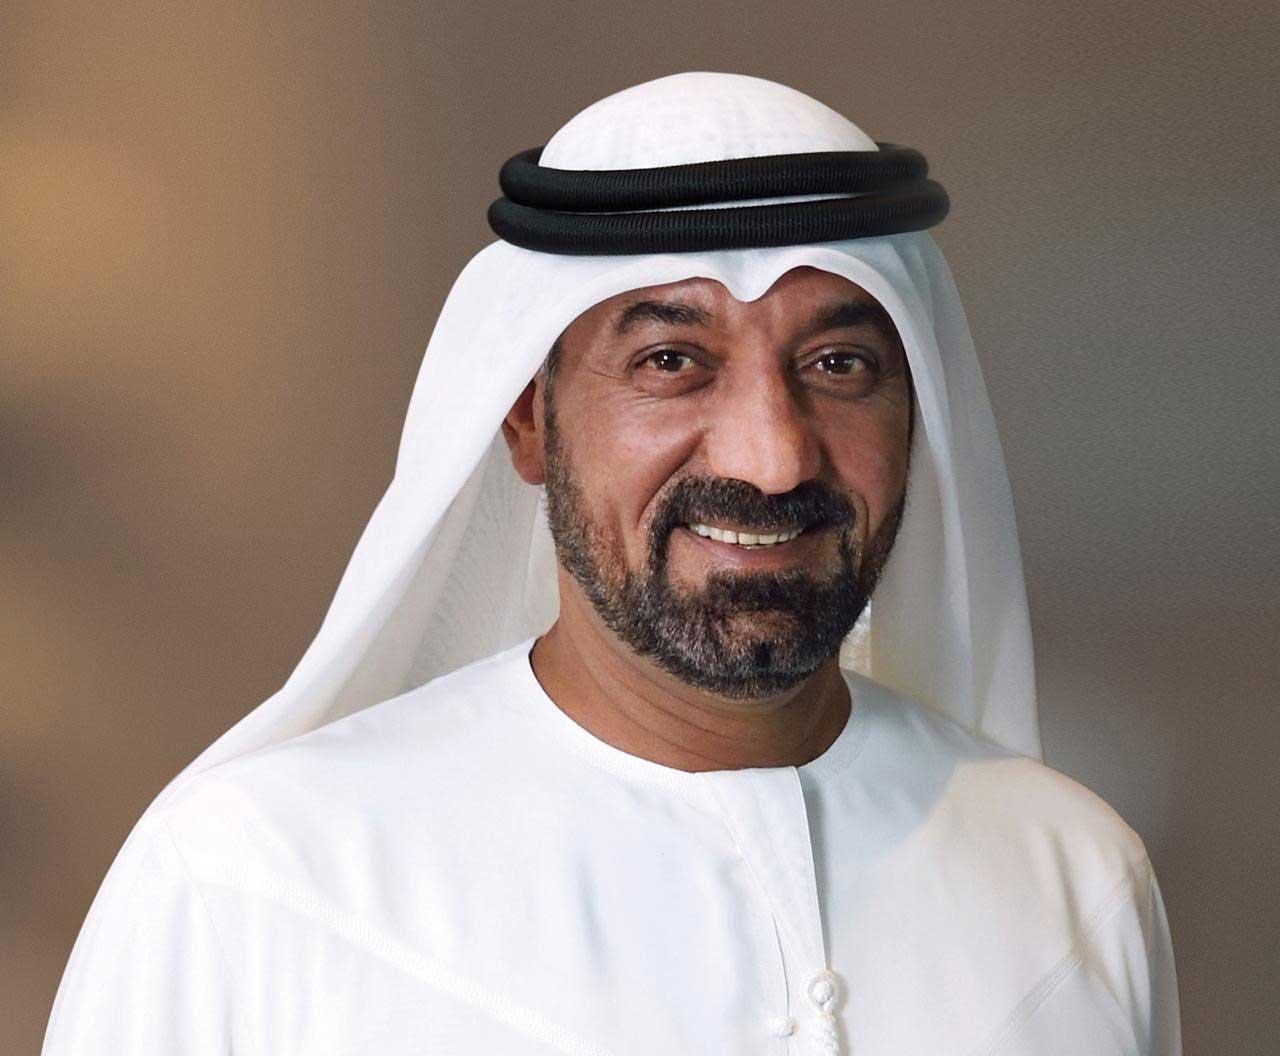 صورة أحمد بن سعيد: دبي ترحب بزوارها من جميع أنحاء العالم بأمان – الاقتصادي